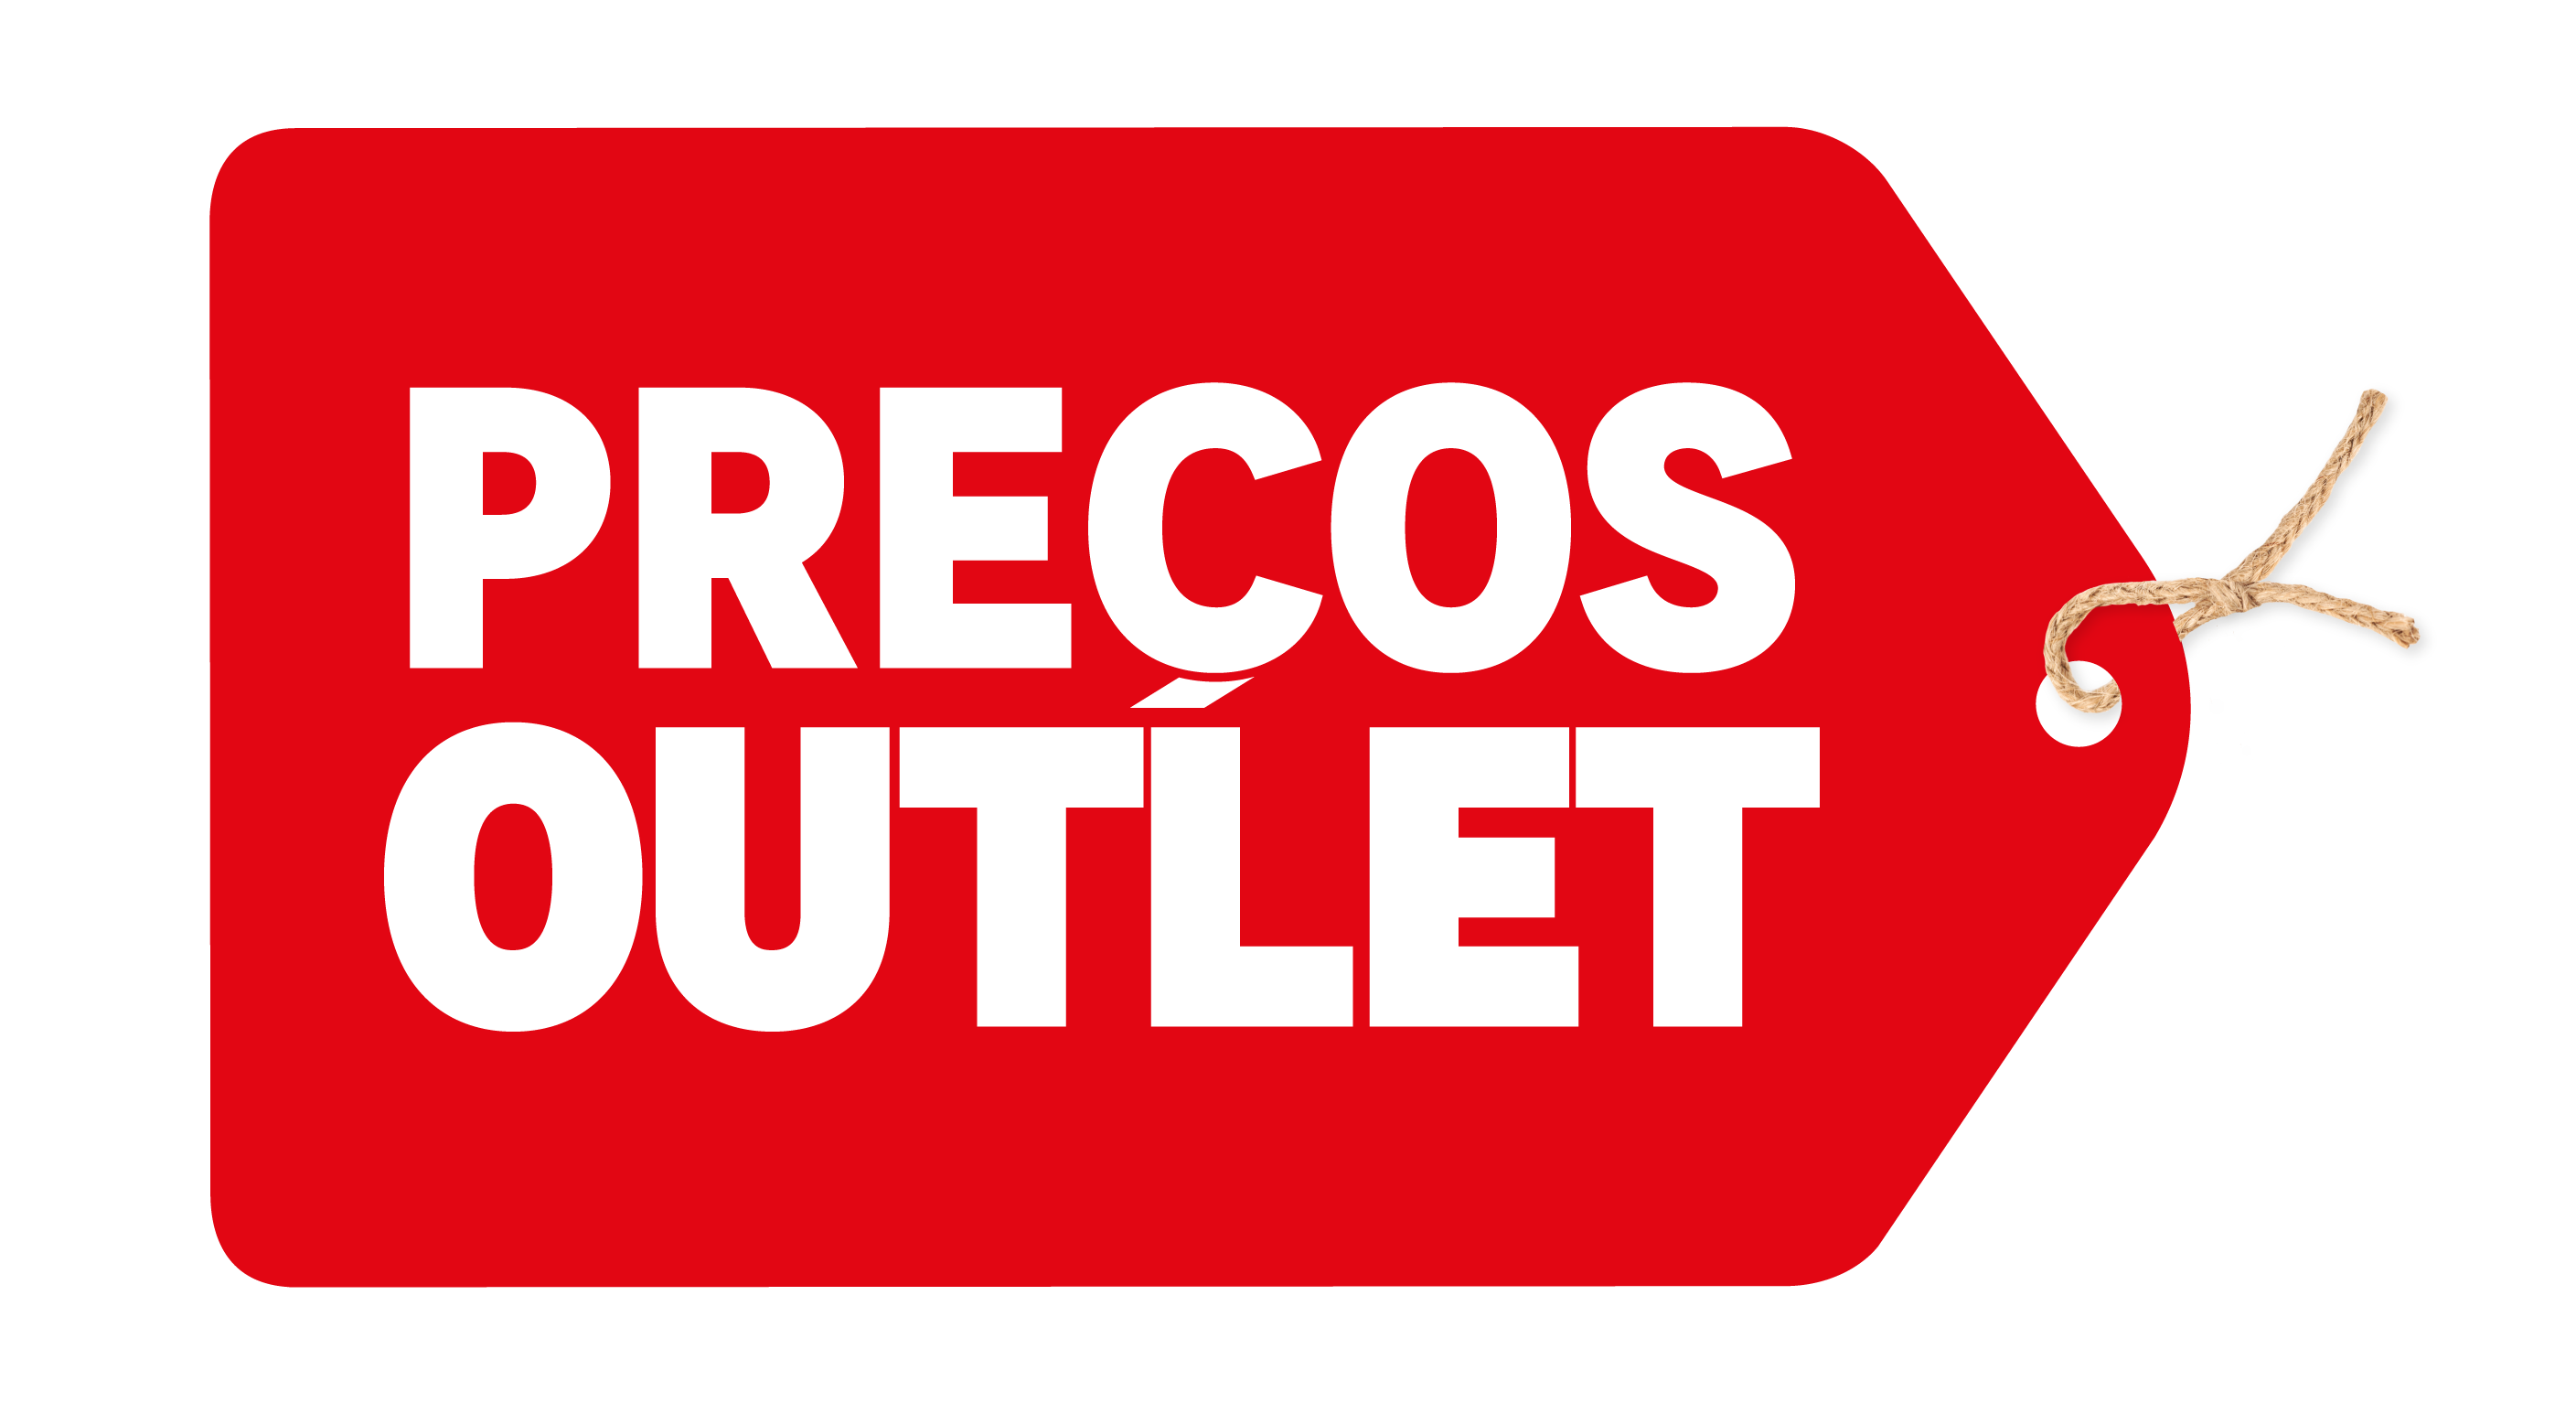 Preços outlet